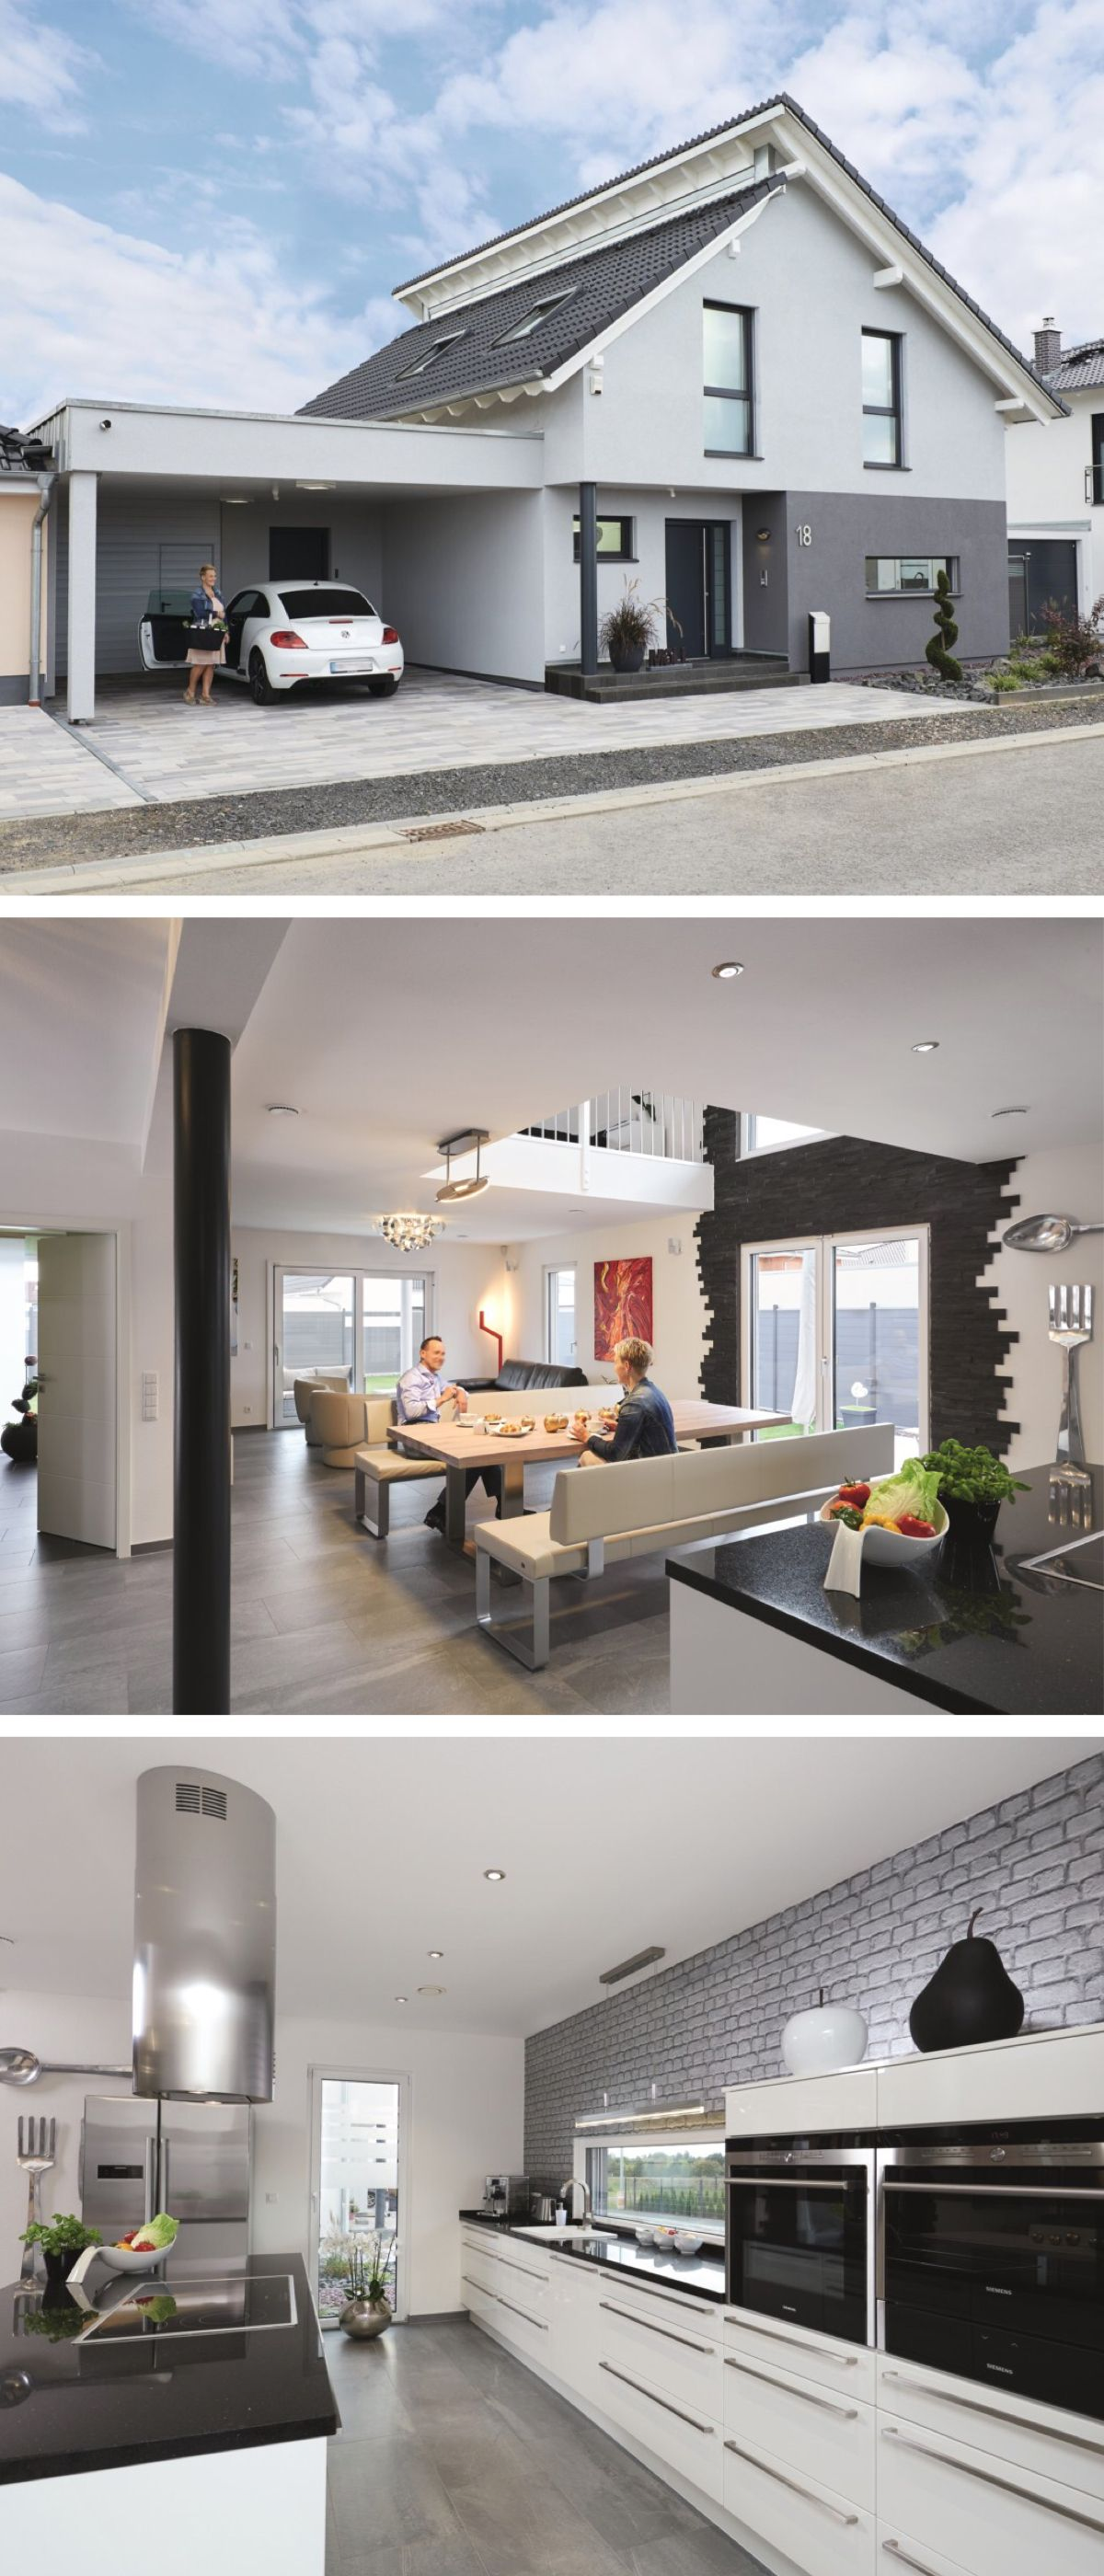 Modernes Pultdach-Haus mit Galerie und Carport - Einfamilienhaus Generation  5.5 WeberHaus Fertighaus - Traveller Location